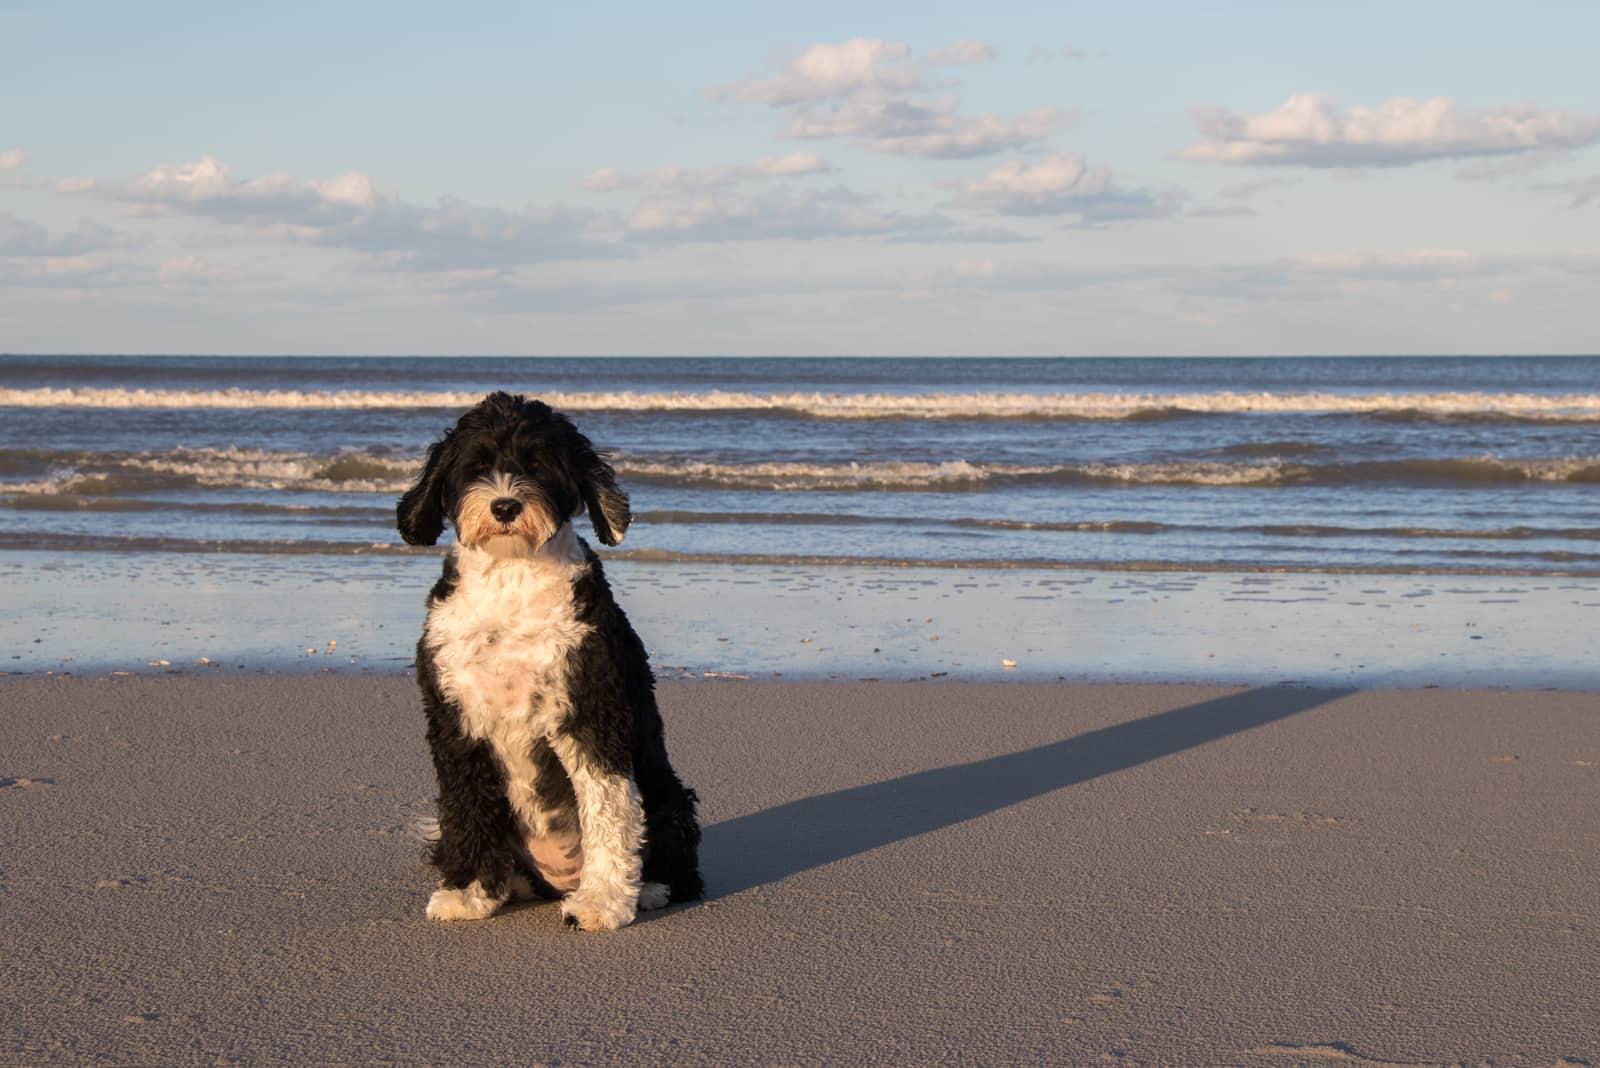 Schwarz-weißer portugiesischer Wasserhund, der am Strand sitzt